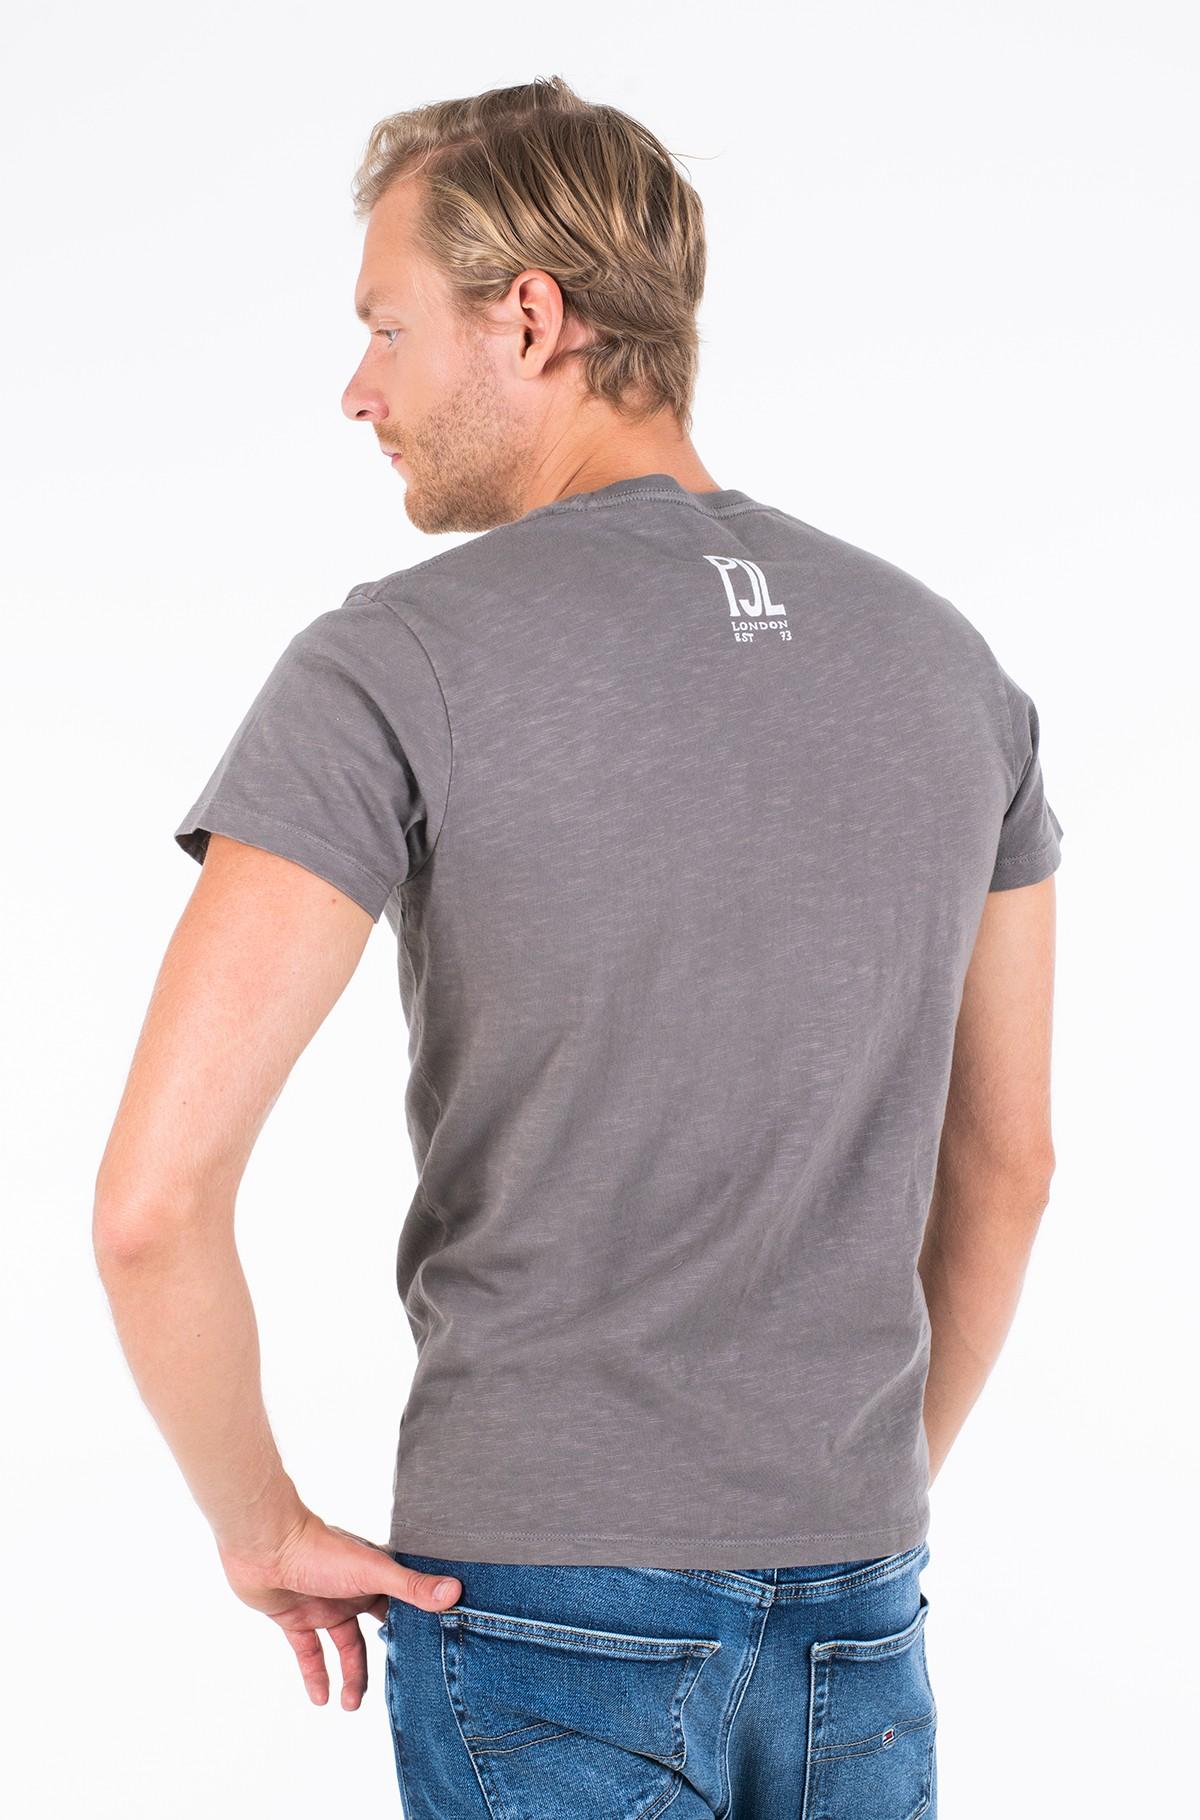 T-shirt SLATER/PM507285-full-2